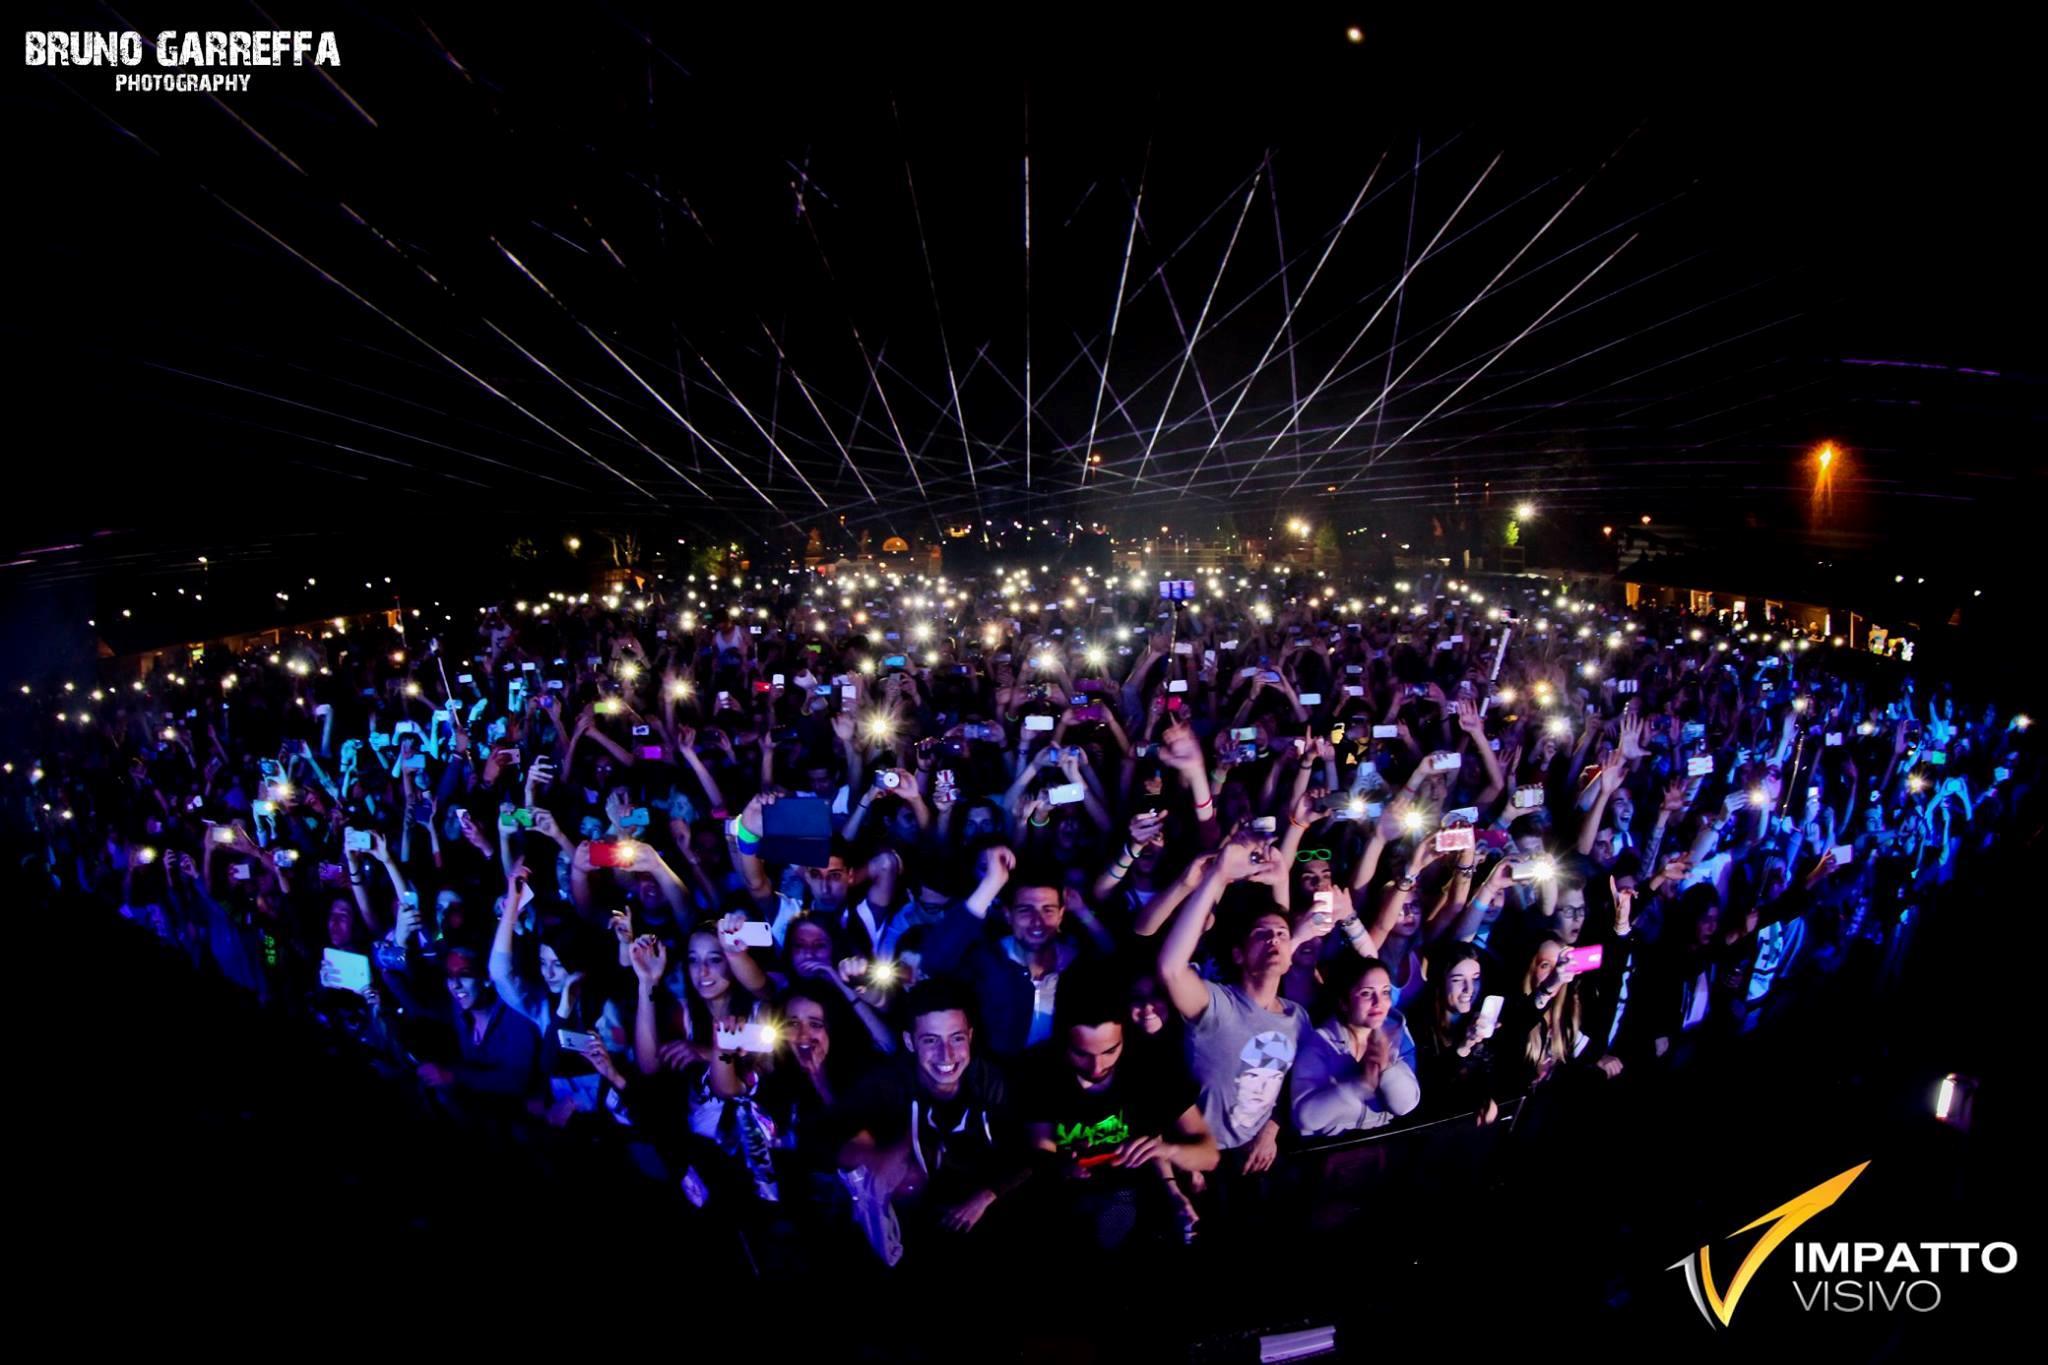 La risposta del pubblico all'arrivo di Martin Garrix è stata degna dei migliori eventi EDM al mondo